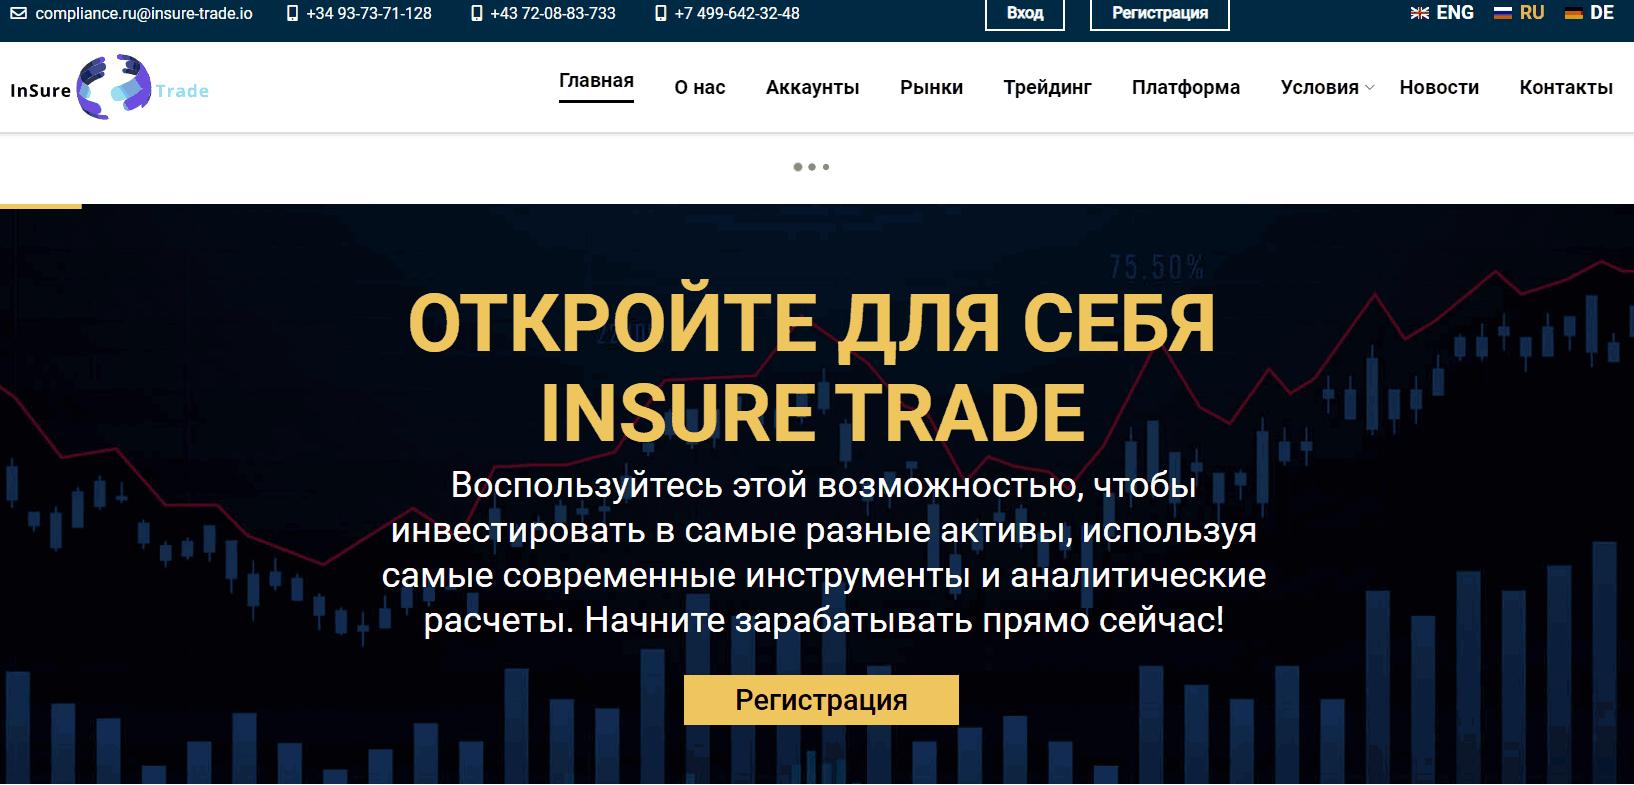 Insure-Trade сайт компании